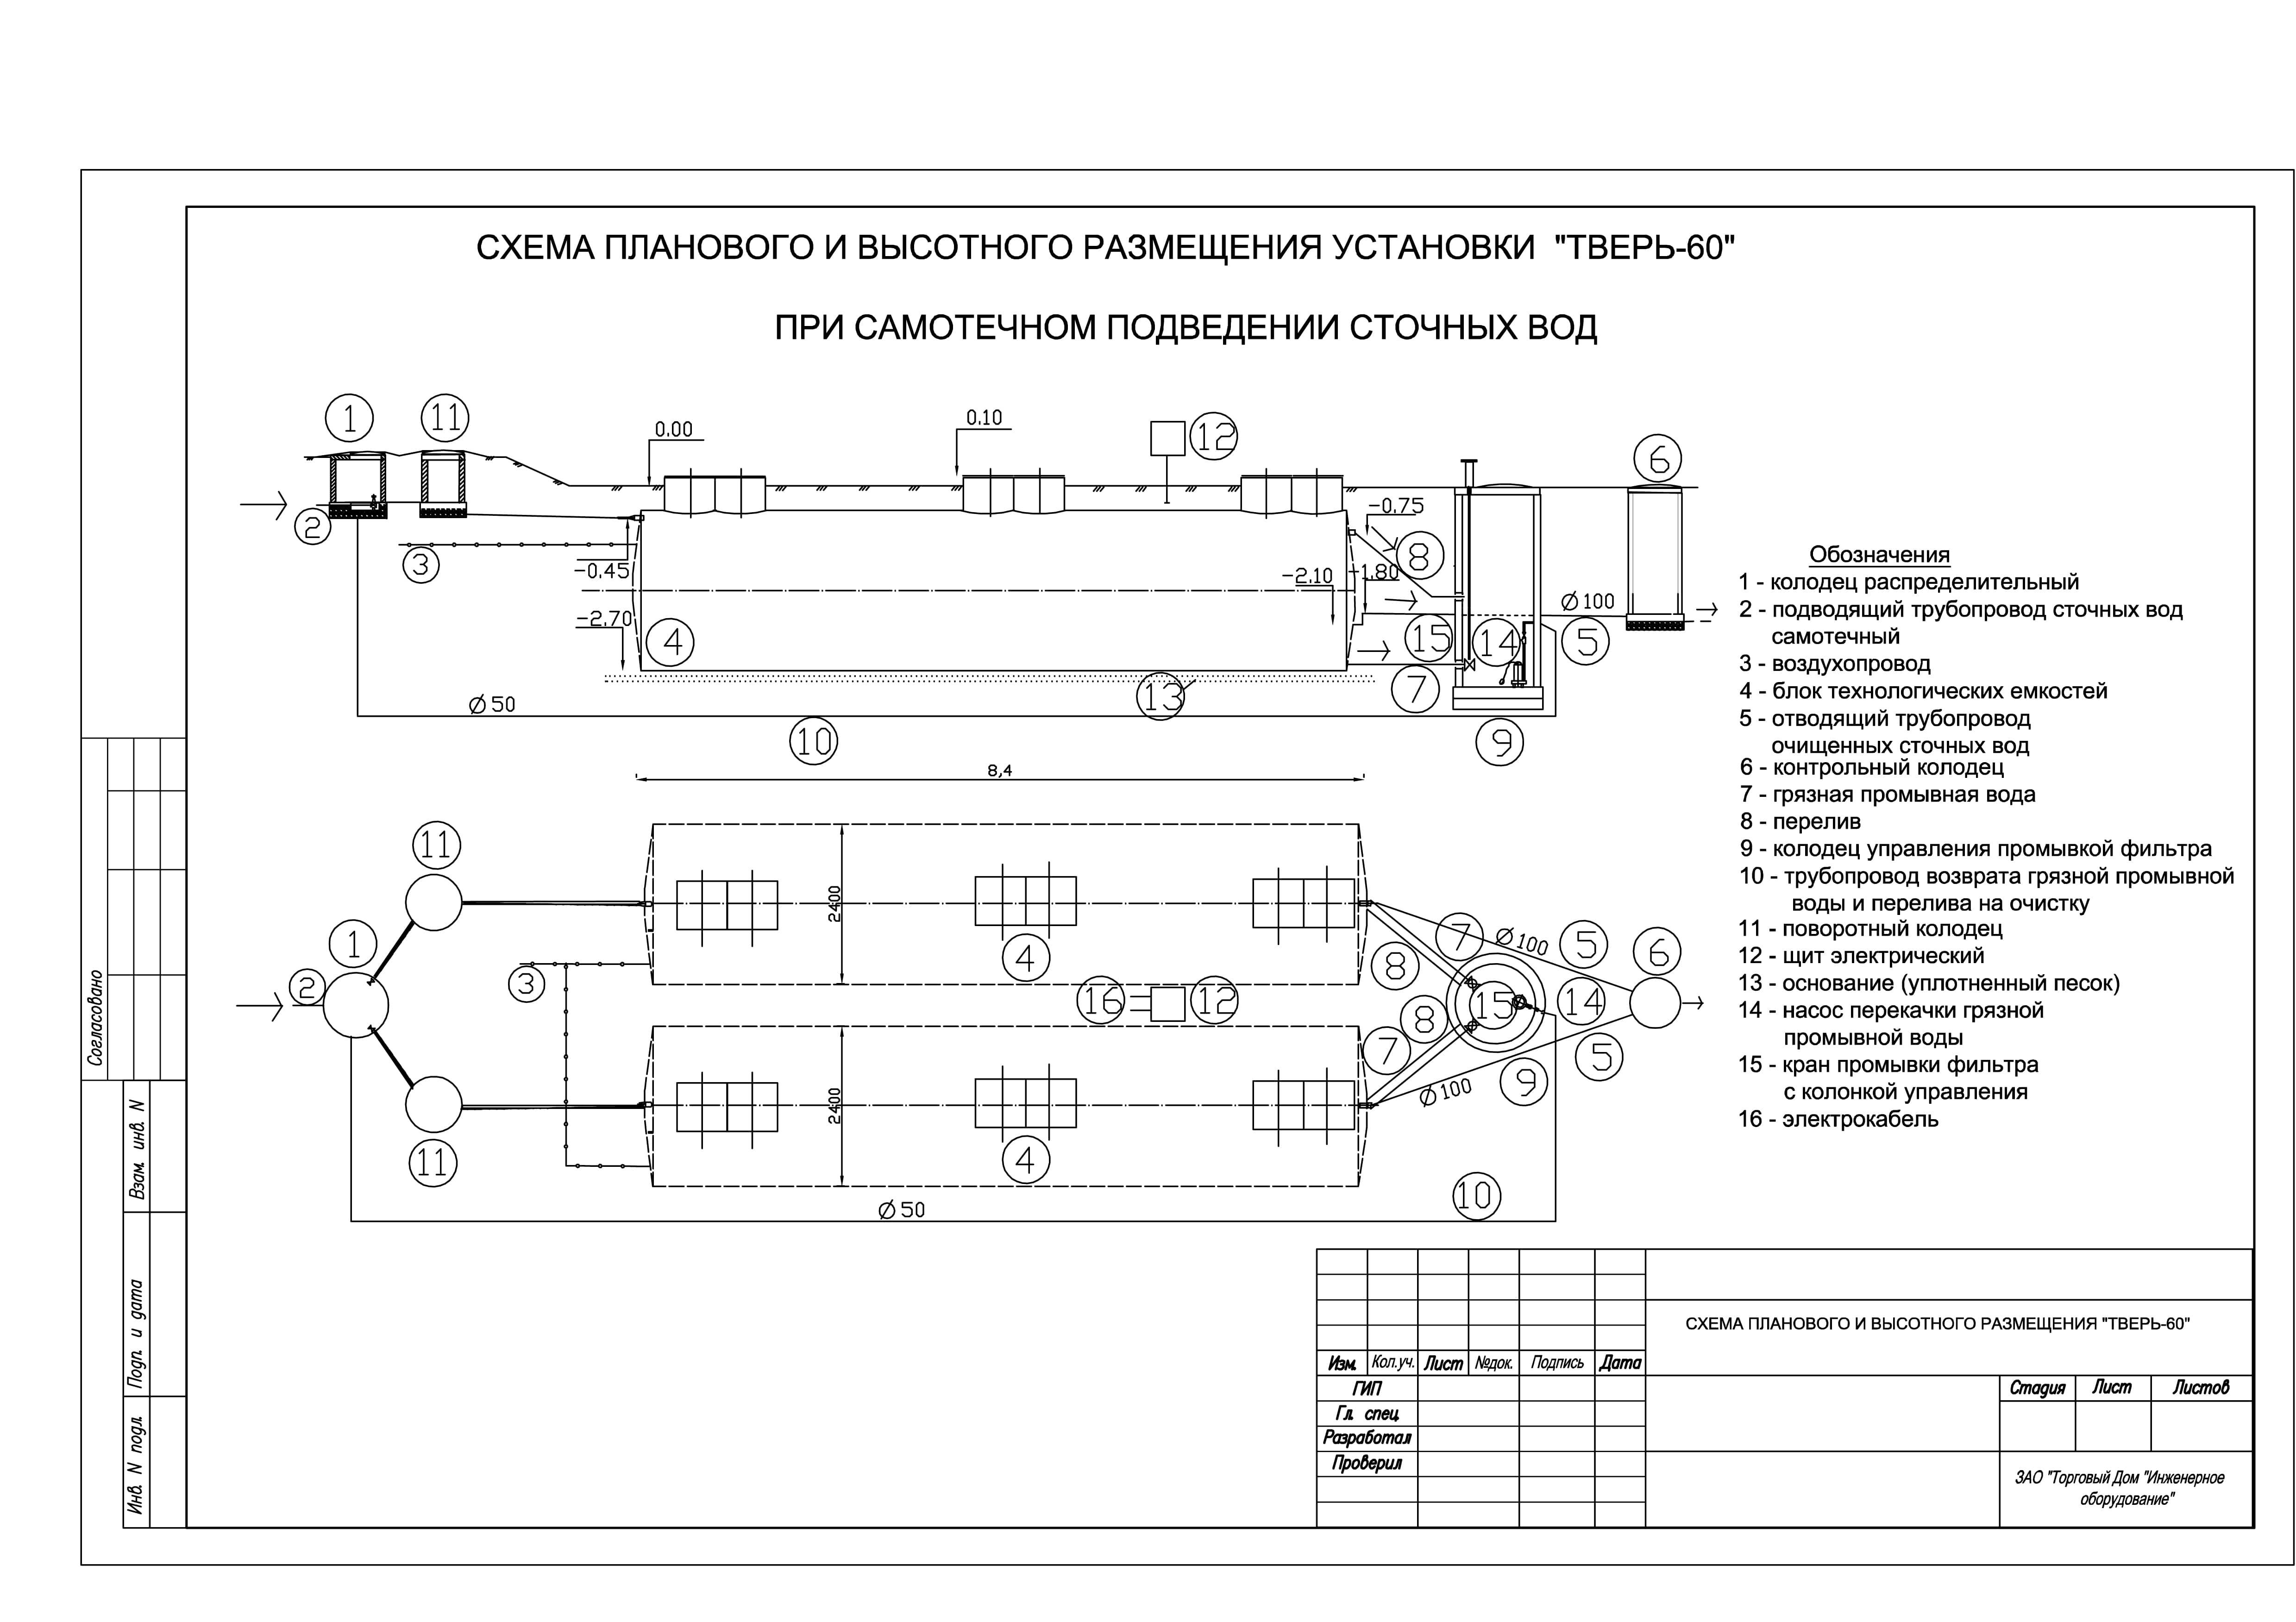 Очистное сооружение Тверь-60